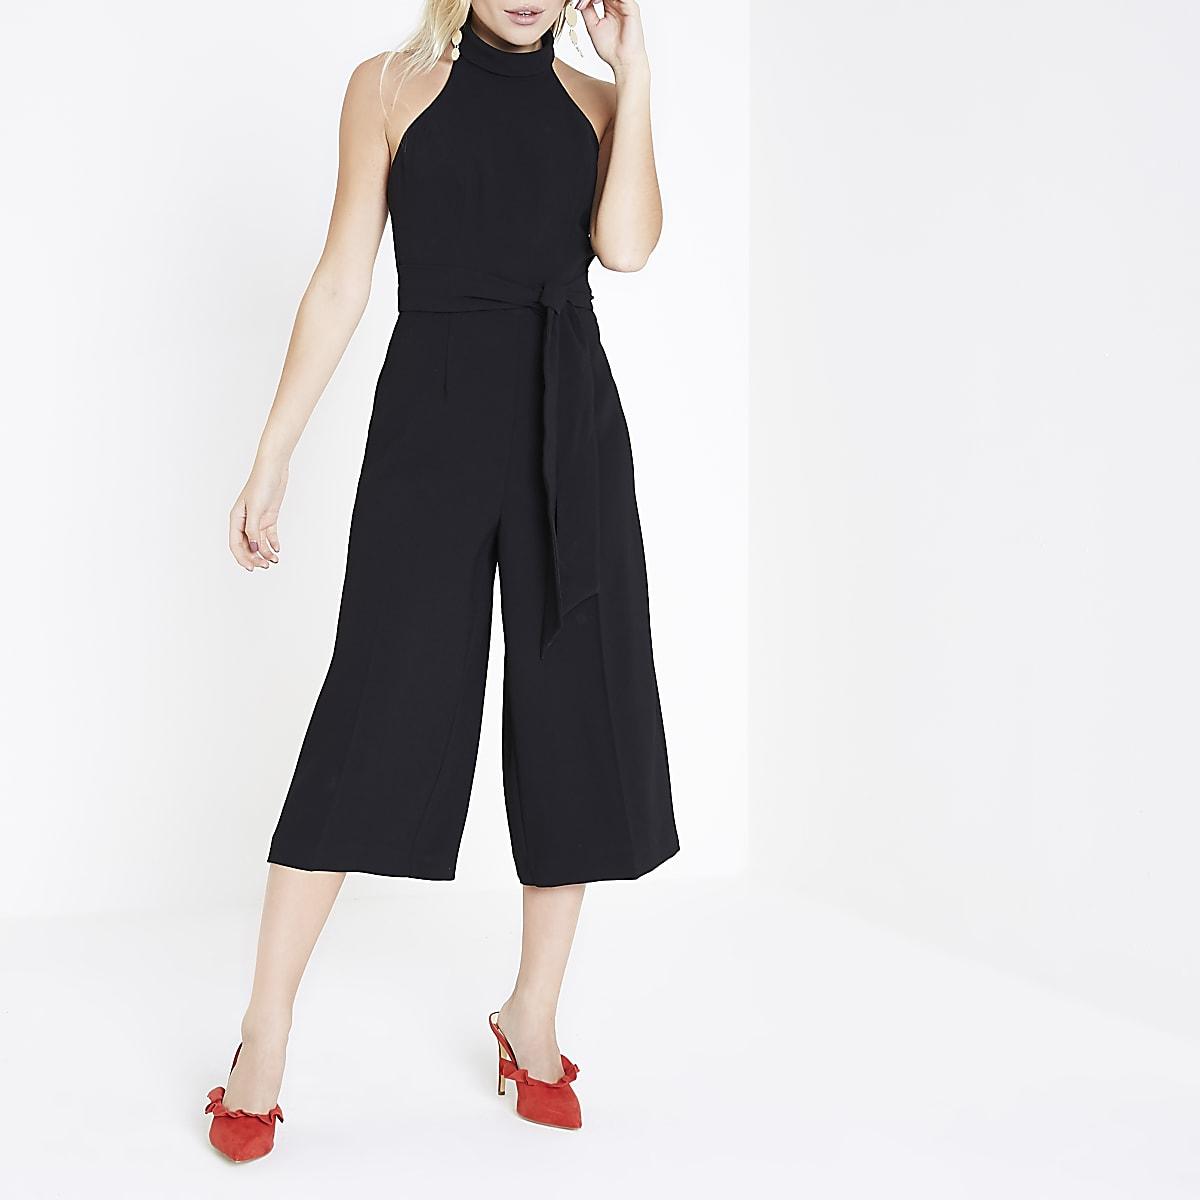 043a685eca5 Petite black high neck culotte jumpsuit - Jumpsuits - Playsuits   Jumpsuits  - women